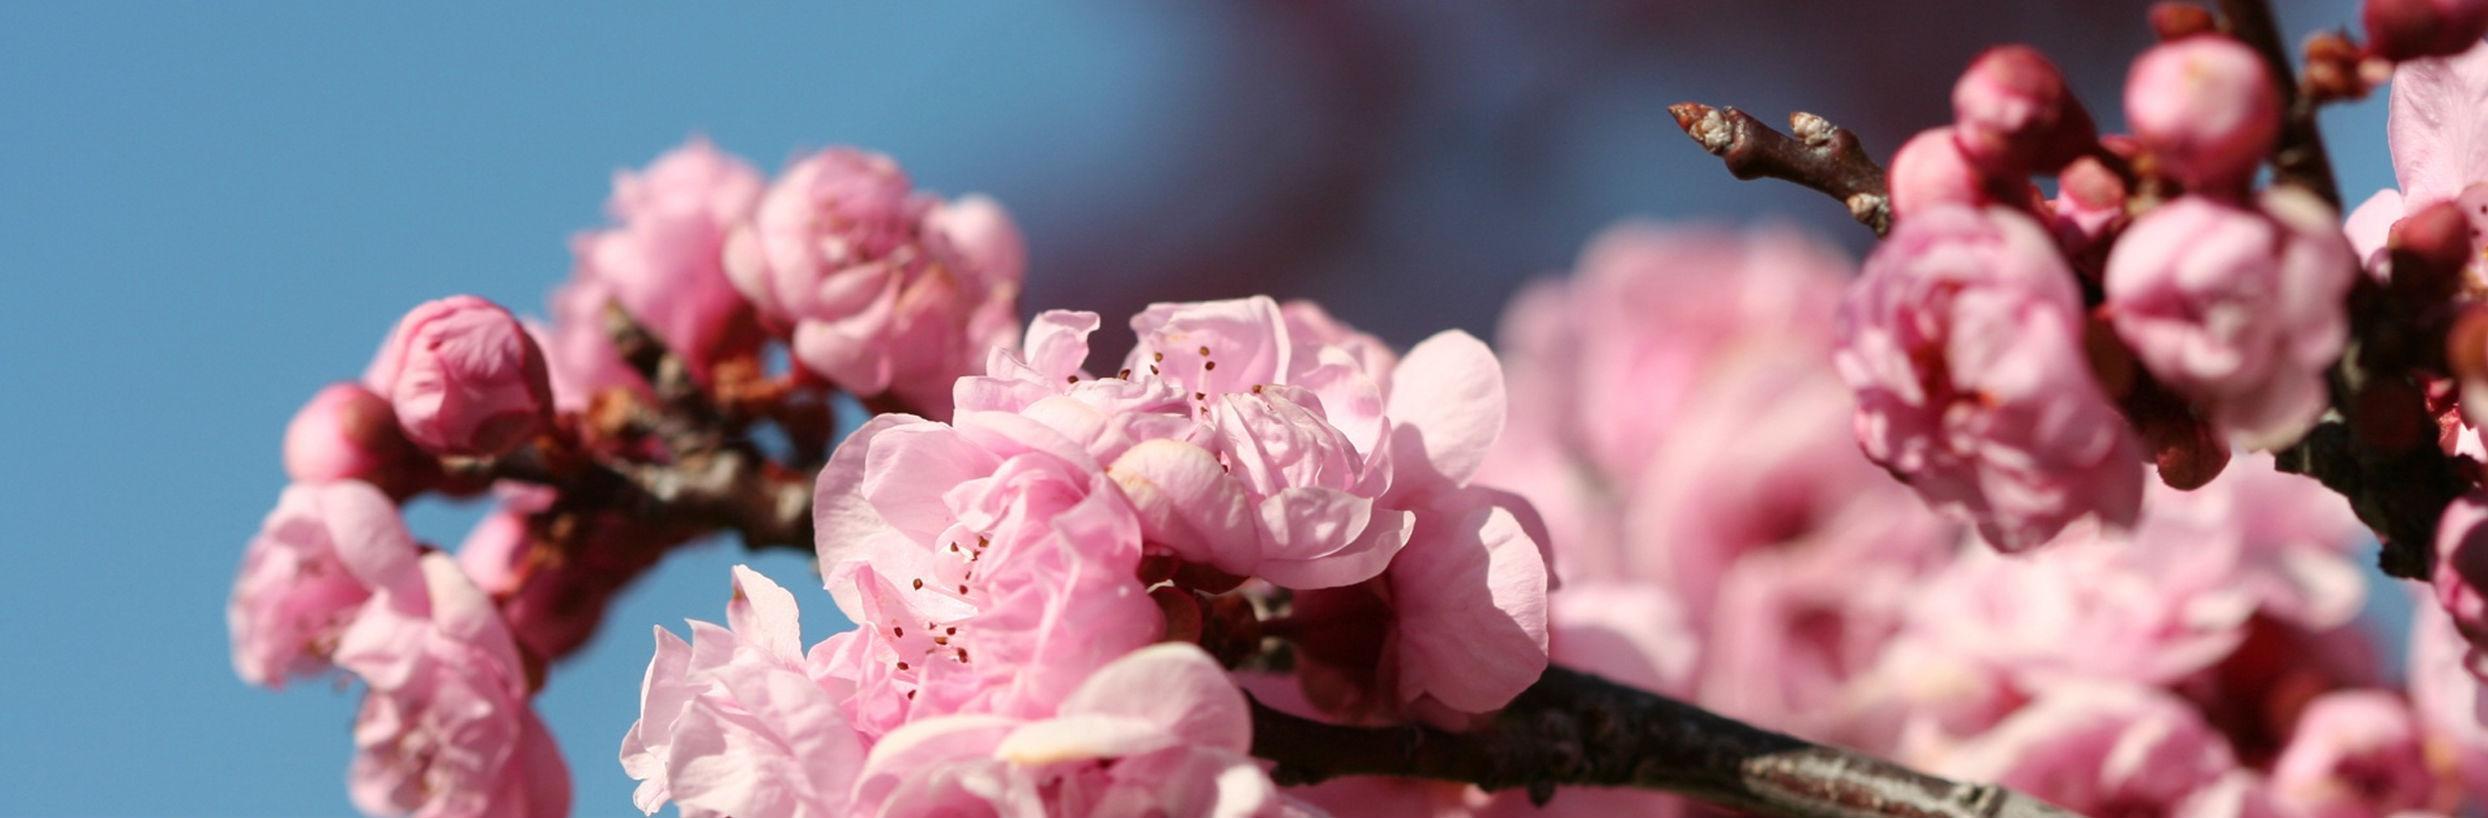 floral header